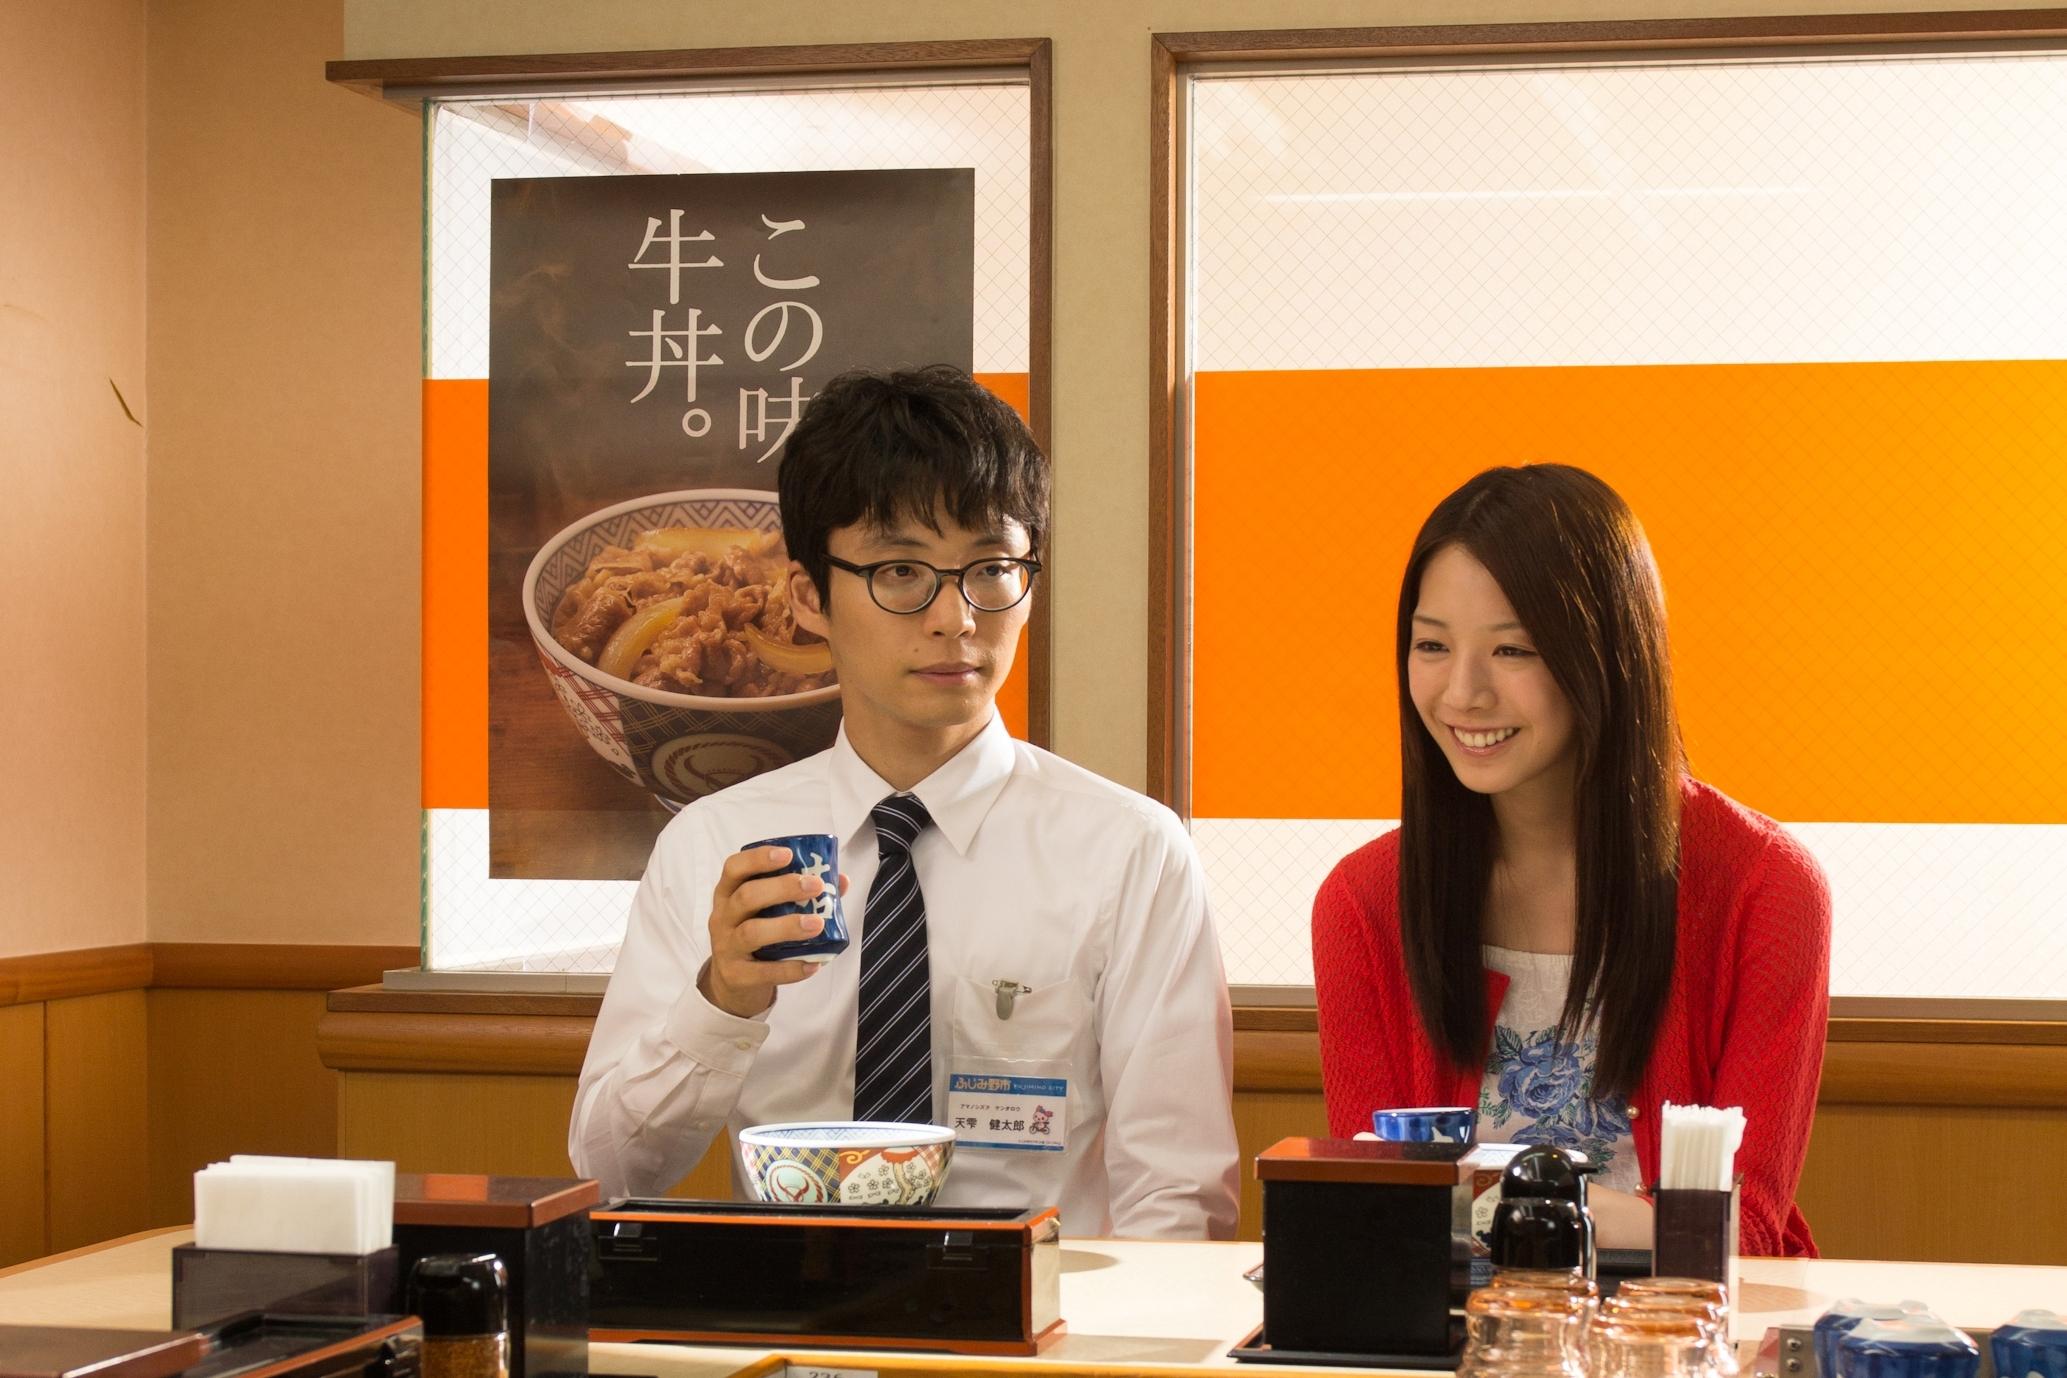 『箱入り息子の恋』 (C)2013「箱入り息子の恋」製作委員会